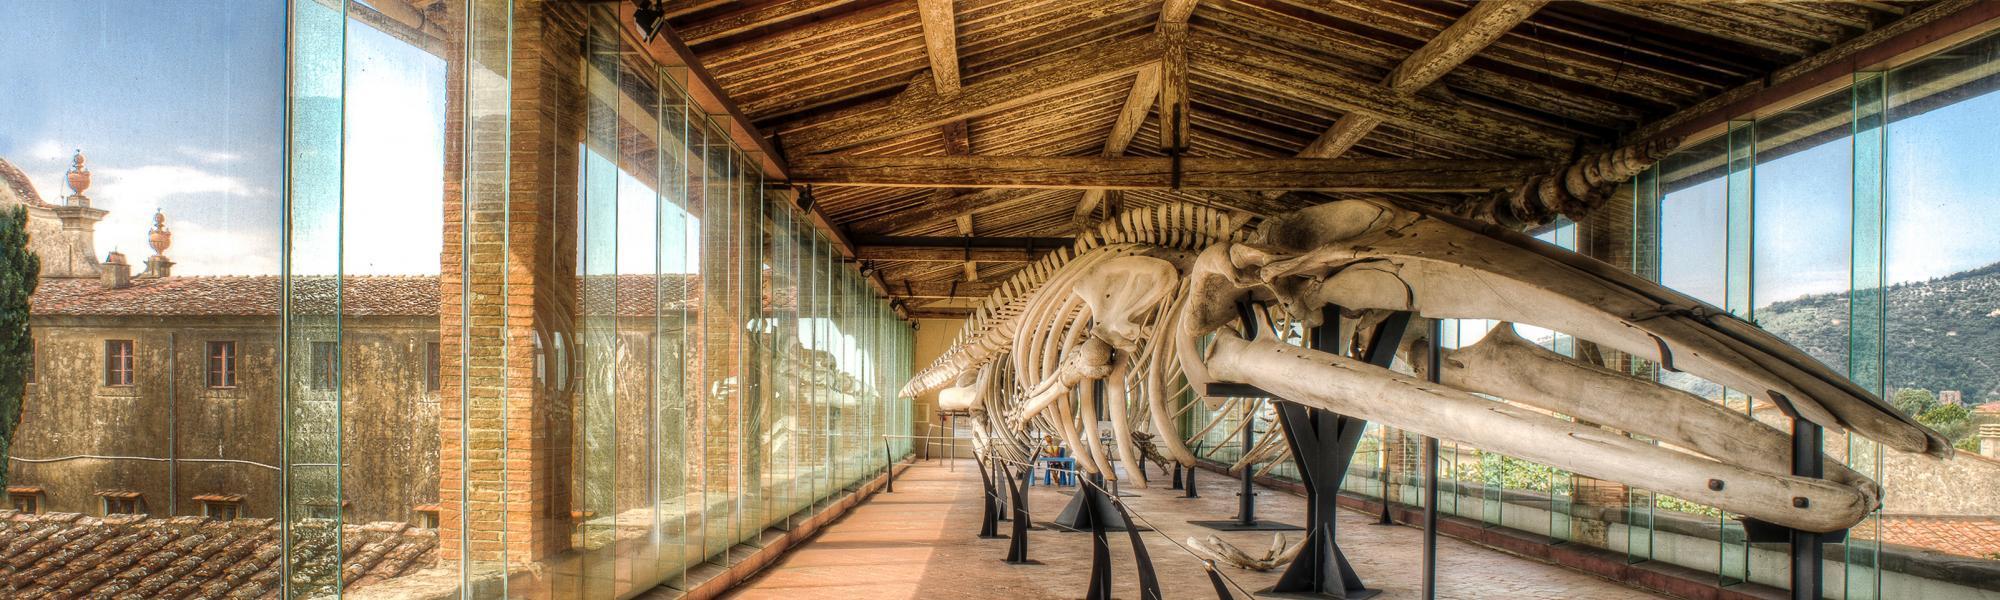 'La Galleria dei cetacei' Museo di Storia naturale (D. Battaglia)